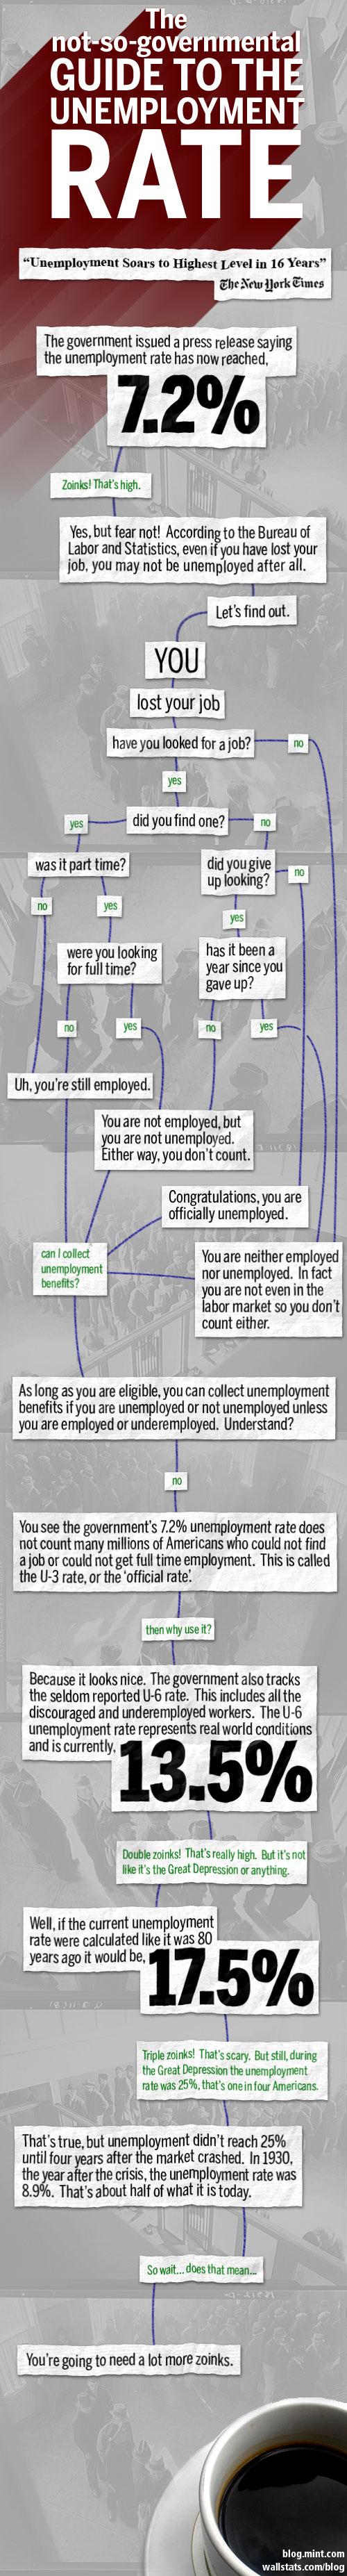 unemploymentratemint2